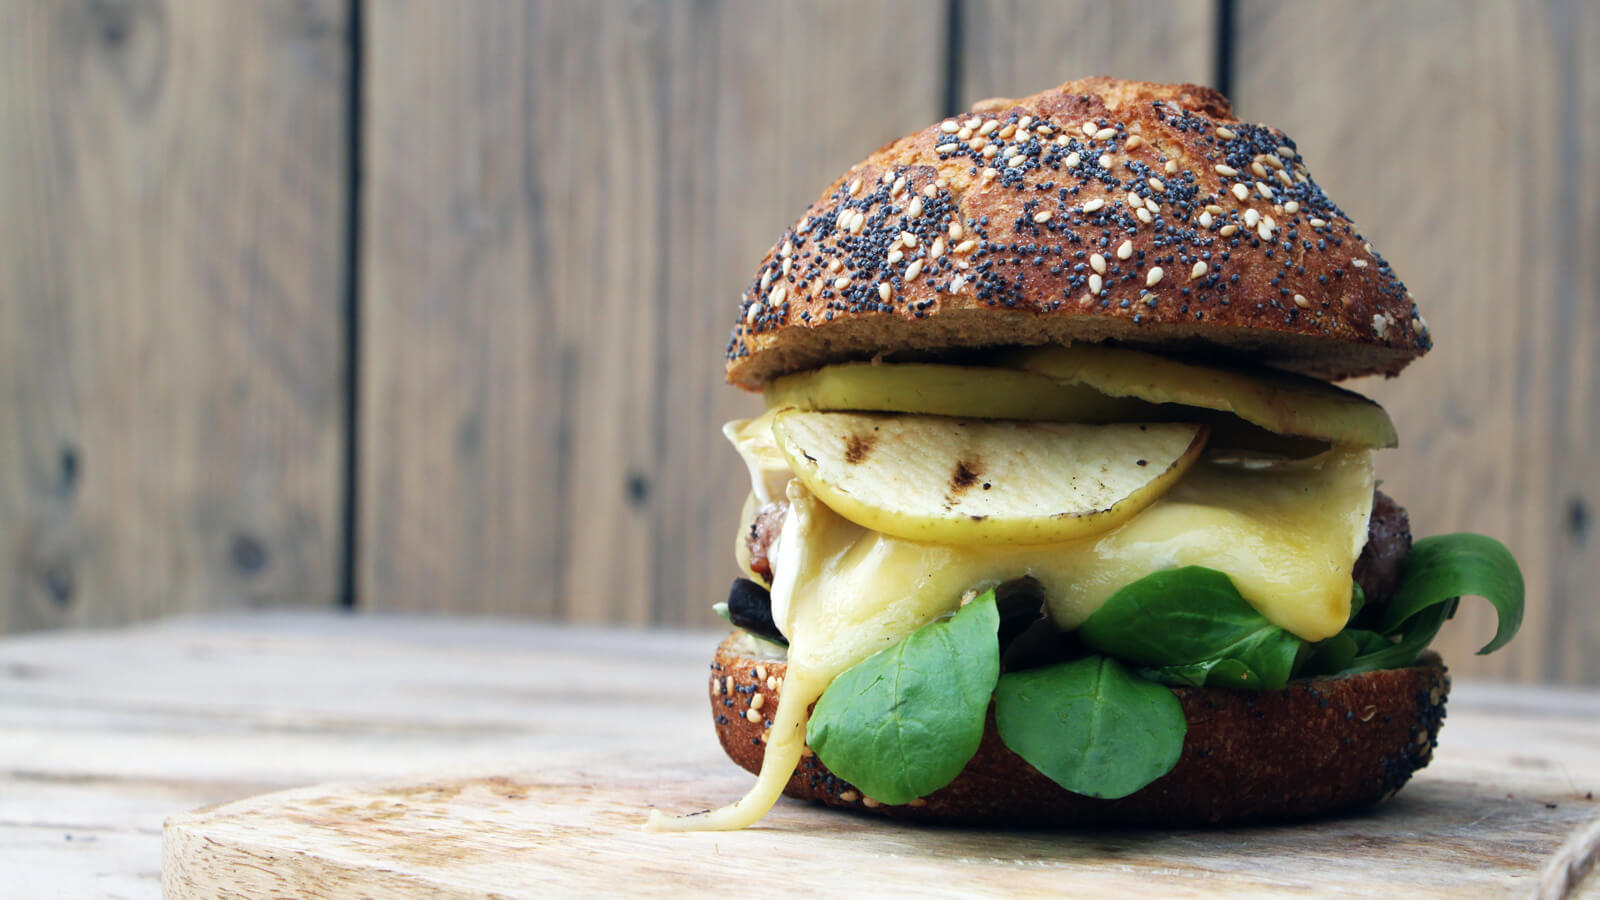 Een speciale hamburger maken? Dan is dit hamburger recept met iberico vlees, camembert en gegrilde appel precies wat je zoekt!